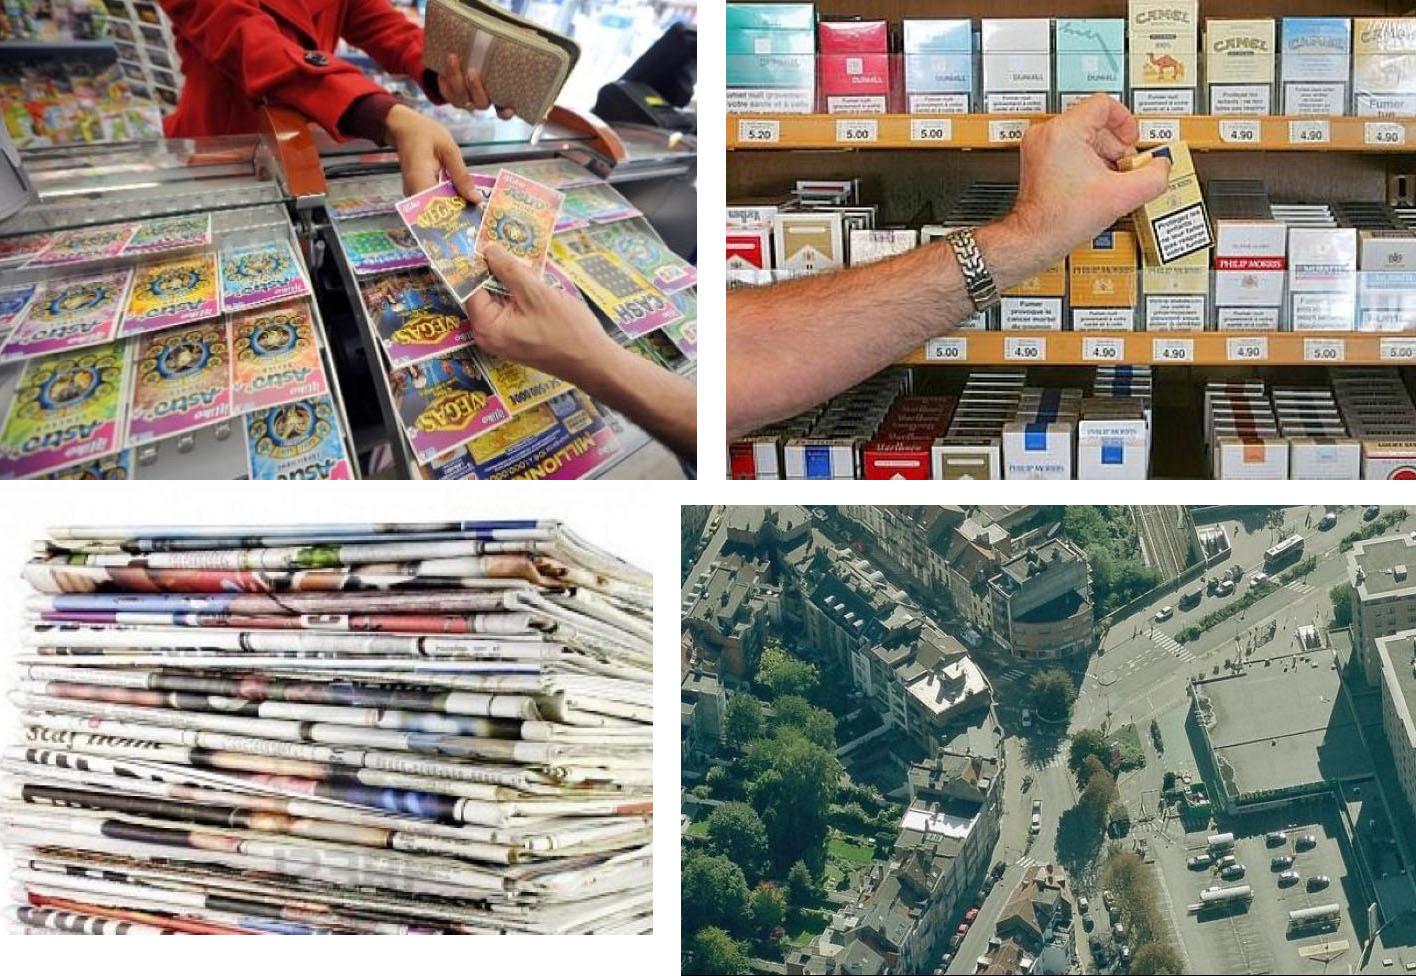 Магазин по продаже журналов, газет, сигарет в Брюсселе, Бельгия